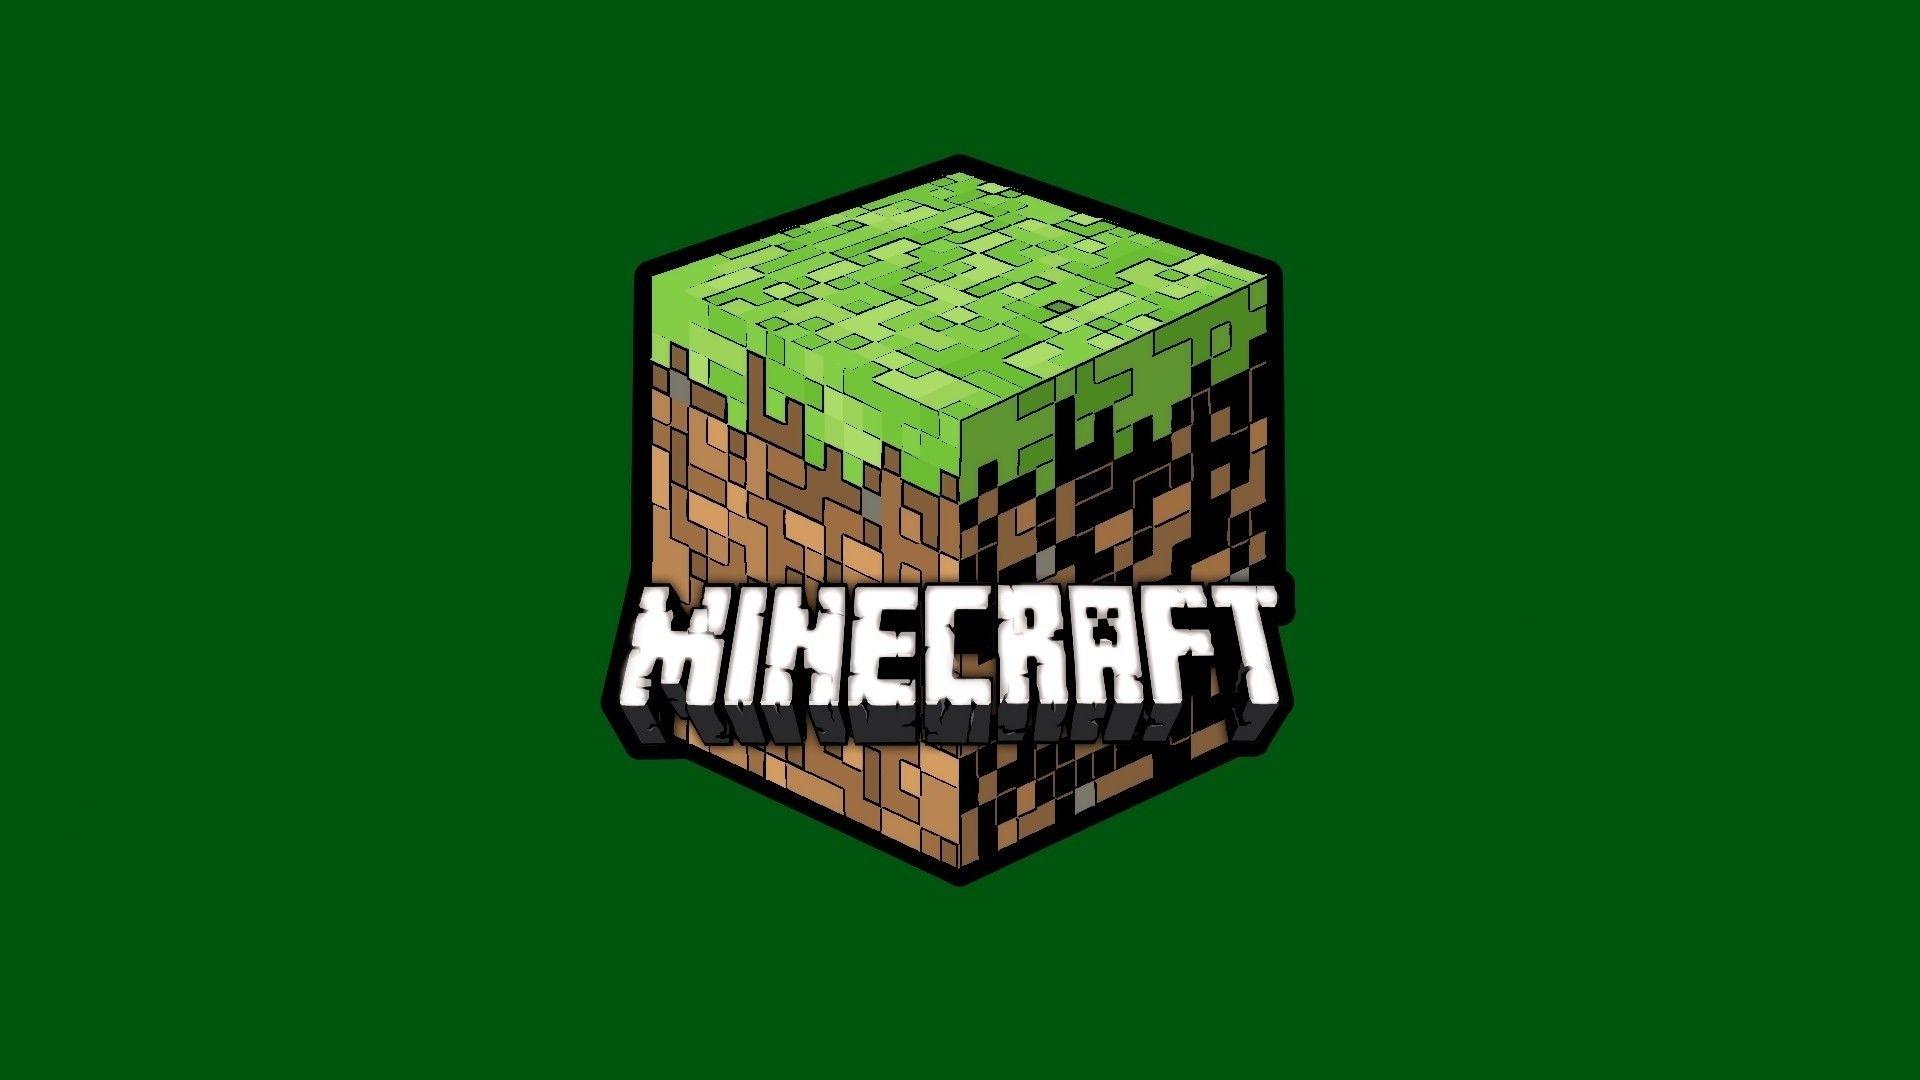 Minecraft Minecraft Logo Minecraft Wallpaper Minecraft